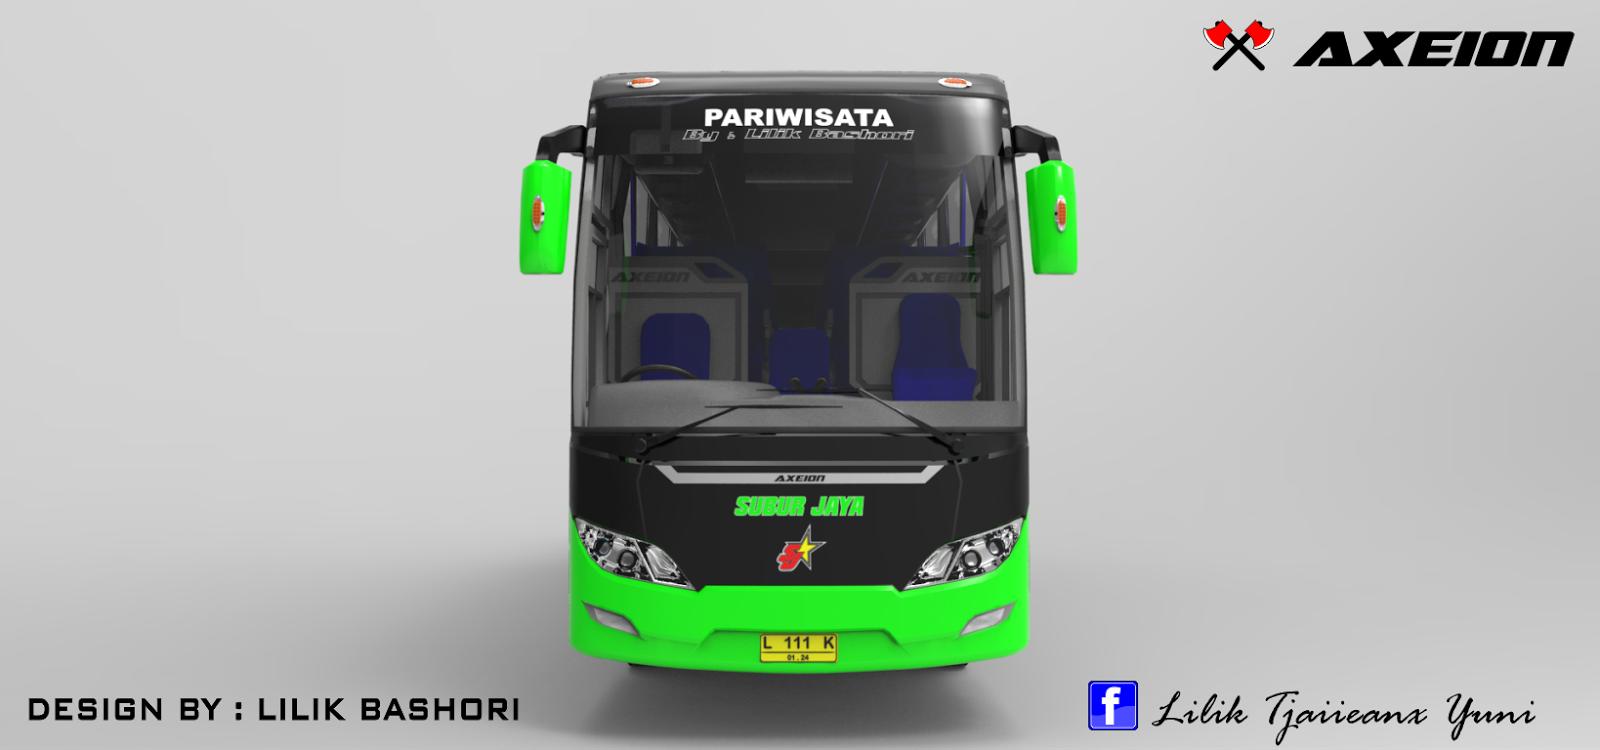 Berikut ini adalah gambar lain dari desain bus AXEION :